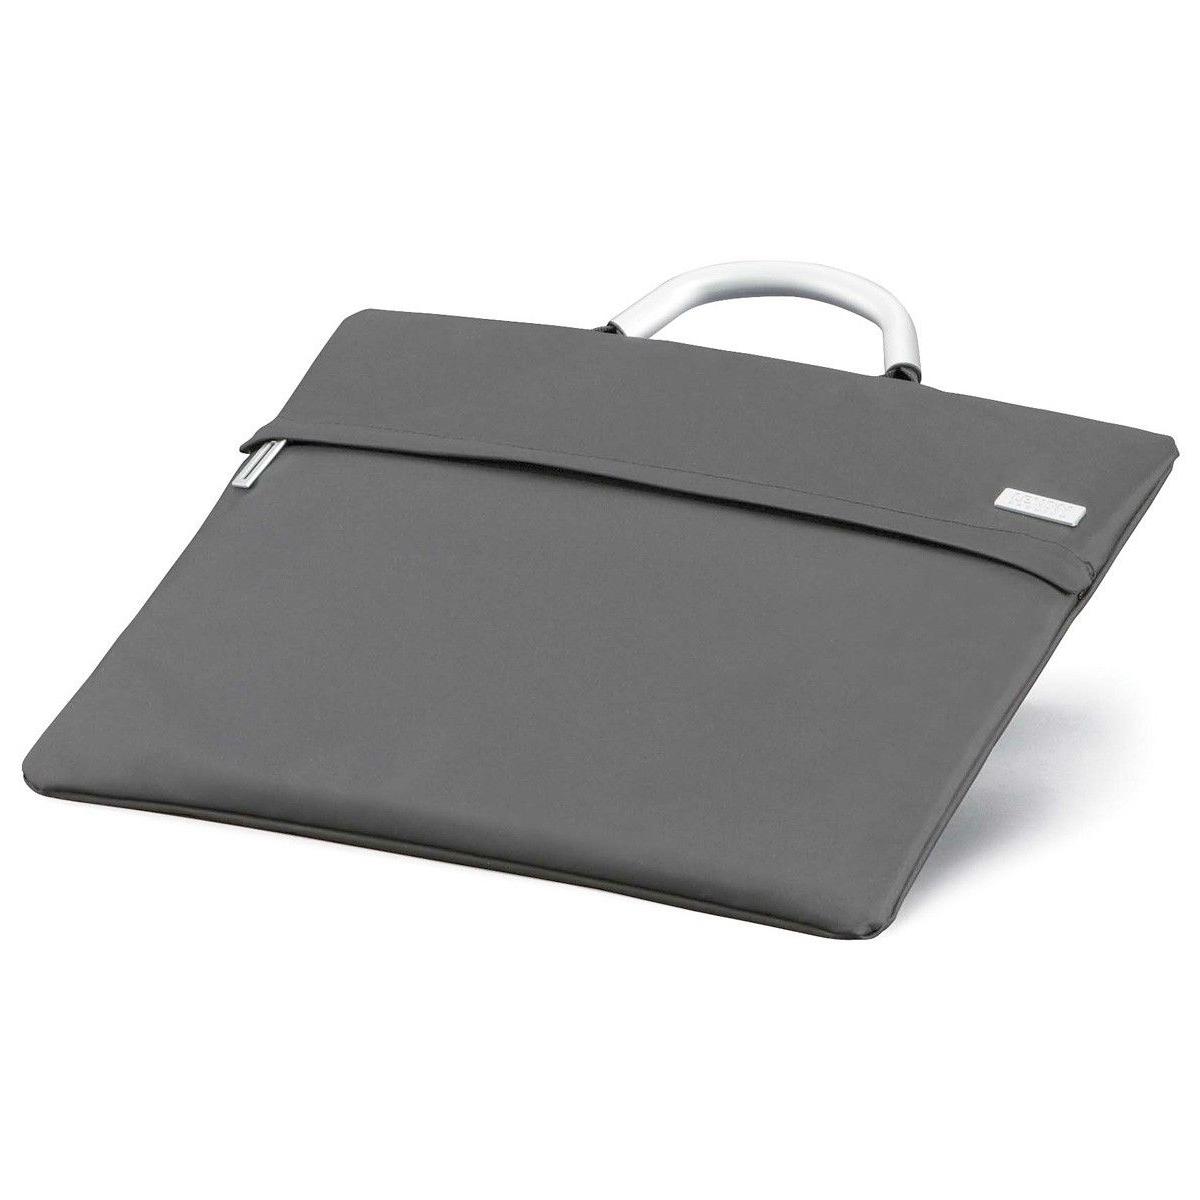 LEXON תיק צד ללפטופ דגם FLAP - אפור בהיר